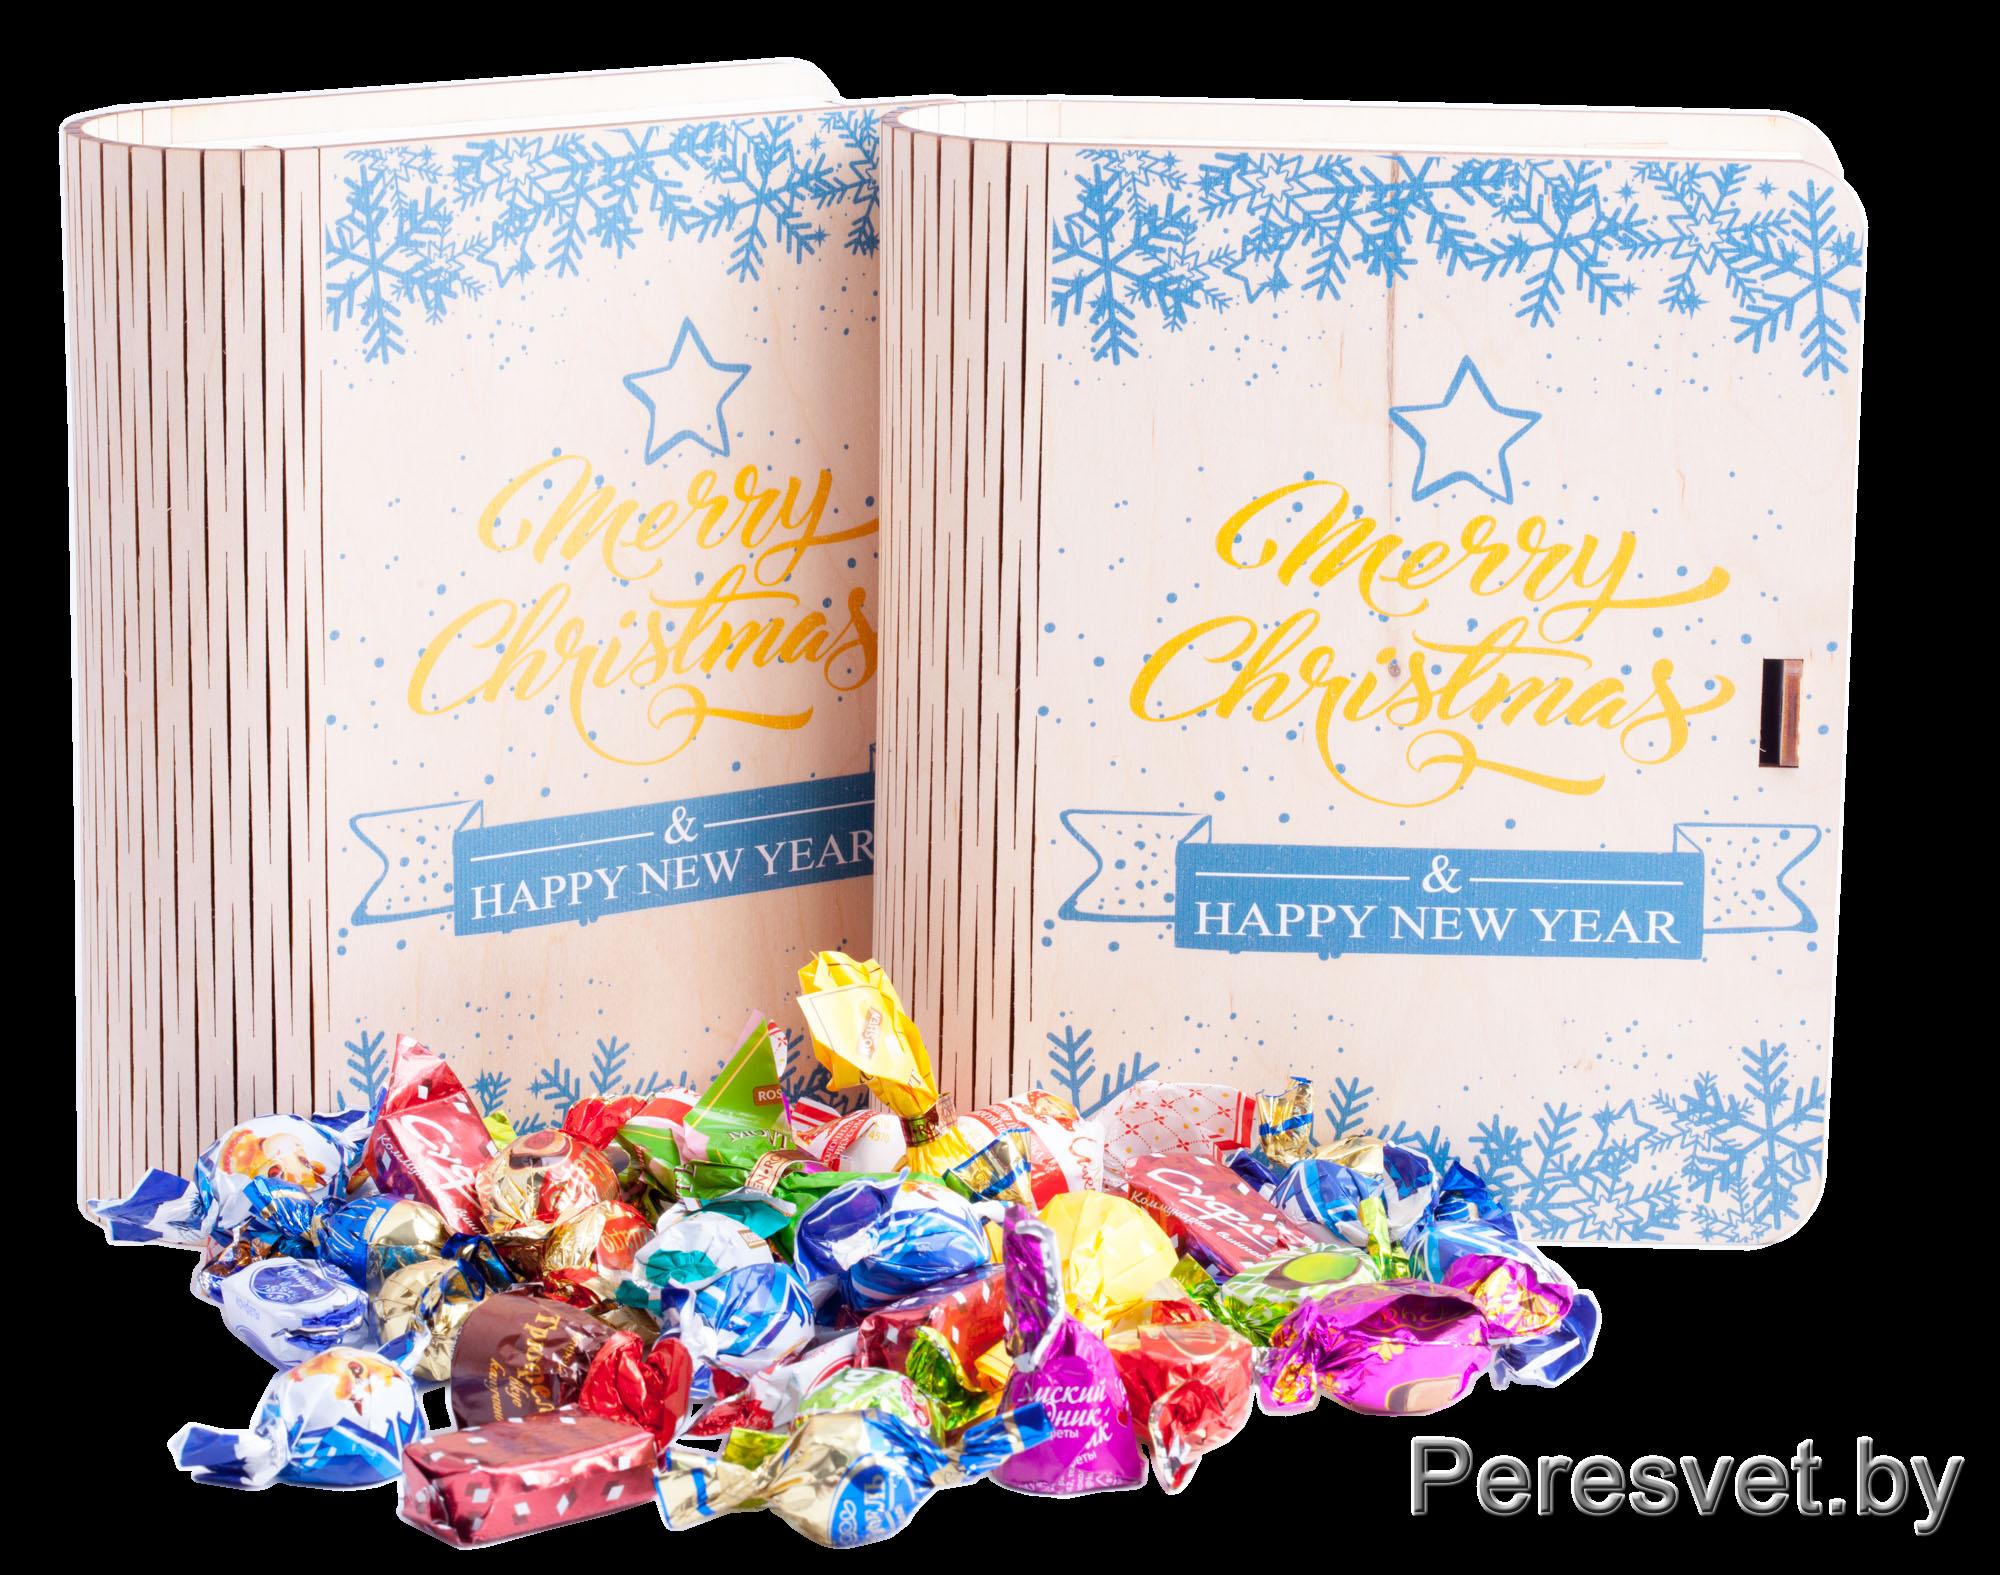 Праздничная упаковка Merry Christmas шоколадное настроение на peresvet.byПраздничная упаковка Merry Christmas шоколадное настроение на peresvet.by